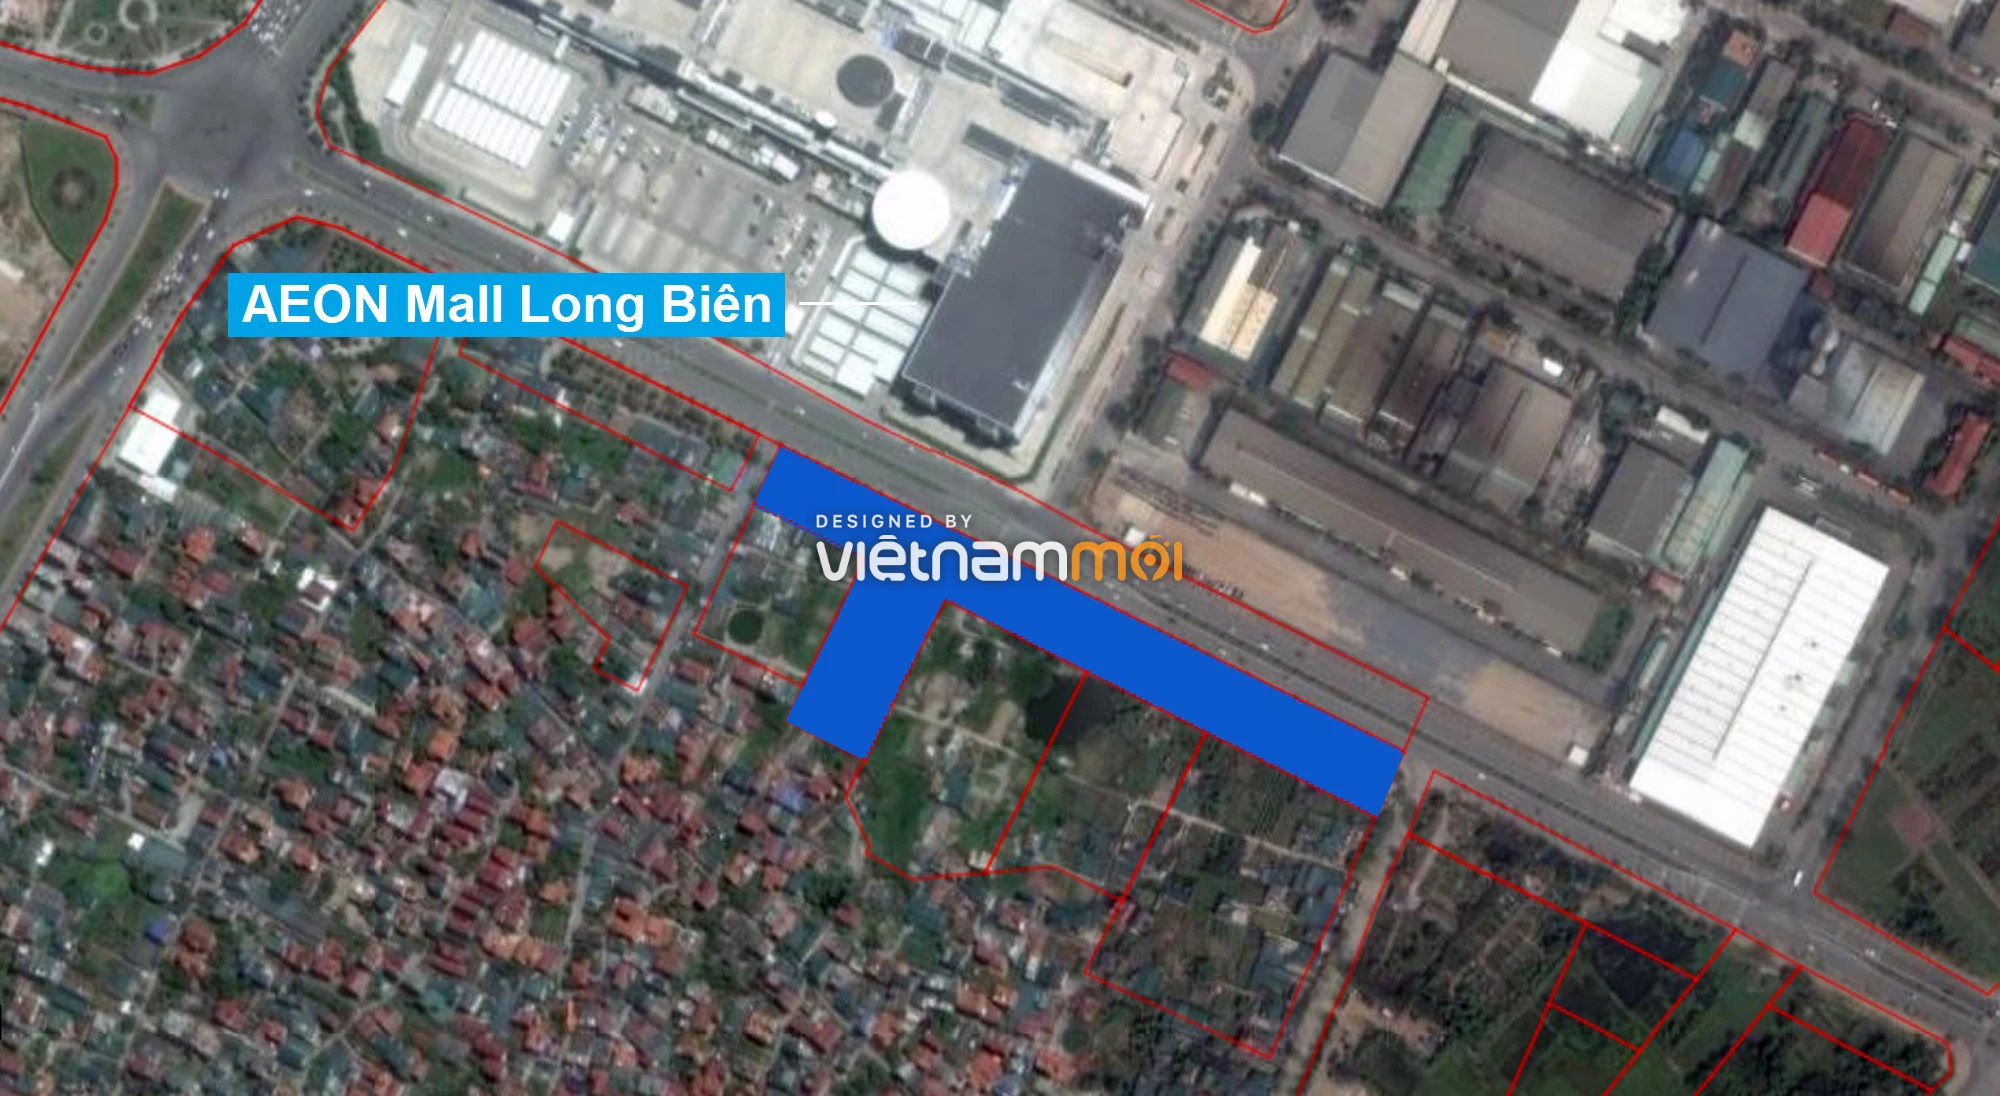 Những khu đất sắp thu hồi để mở đường ở phường Long Biên, Long Biên, Hà Nội (phần 3) - Ảnh 7.